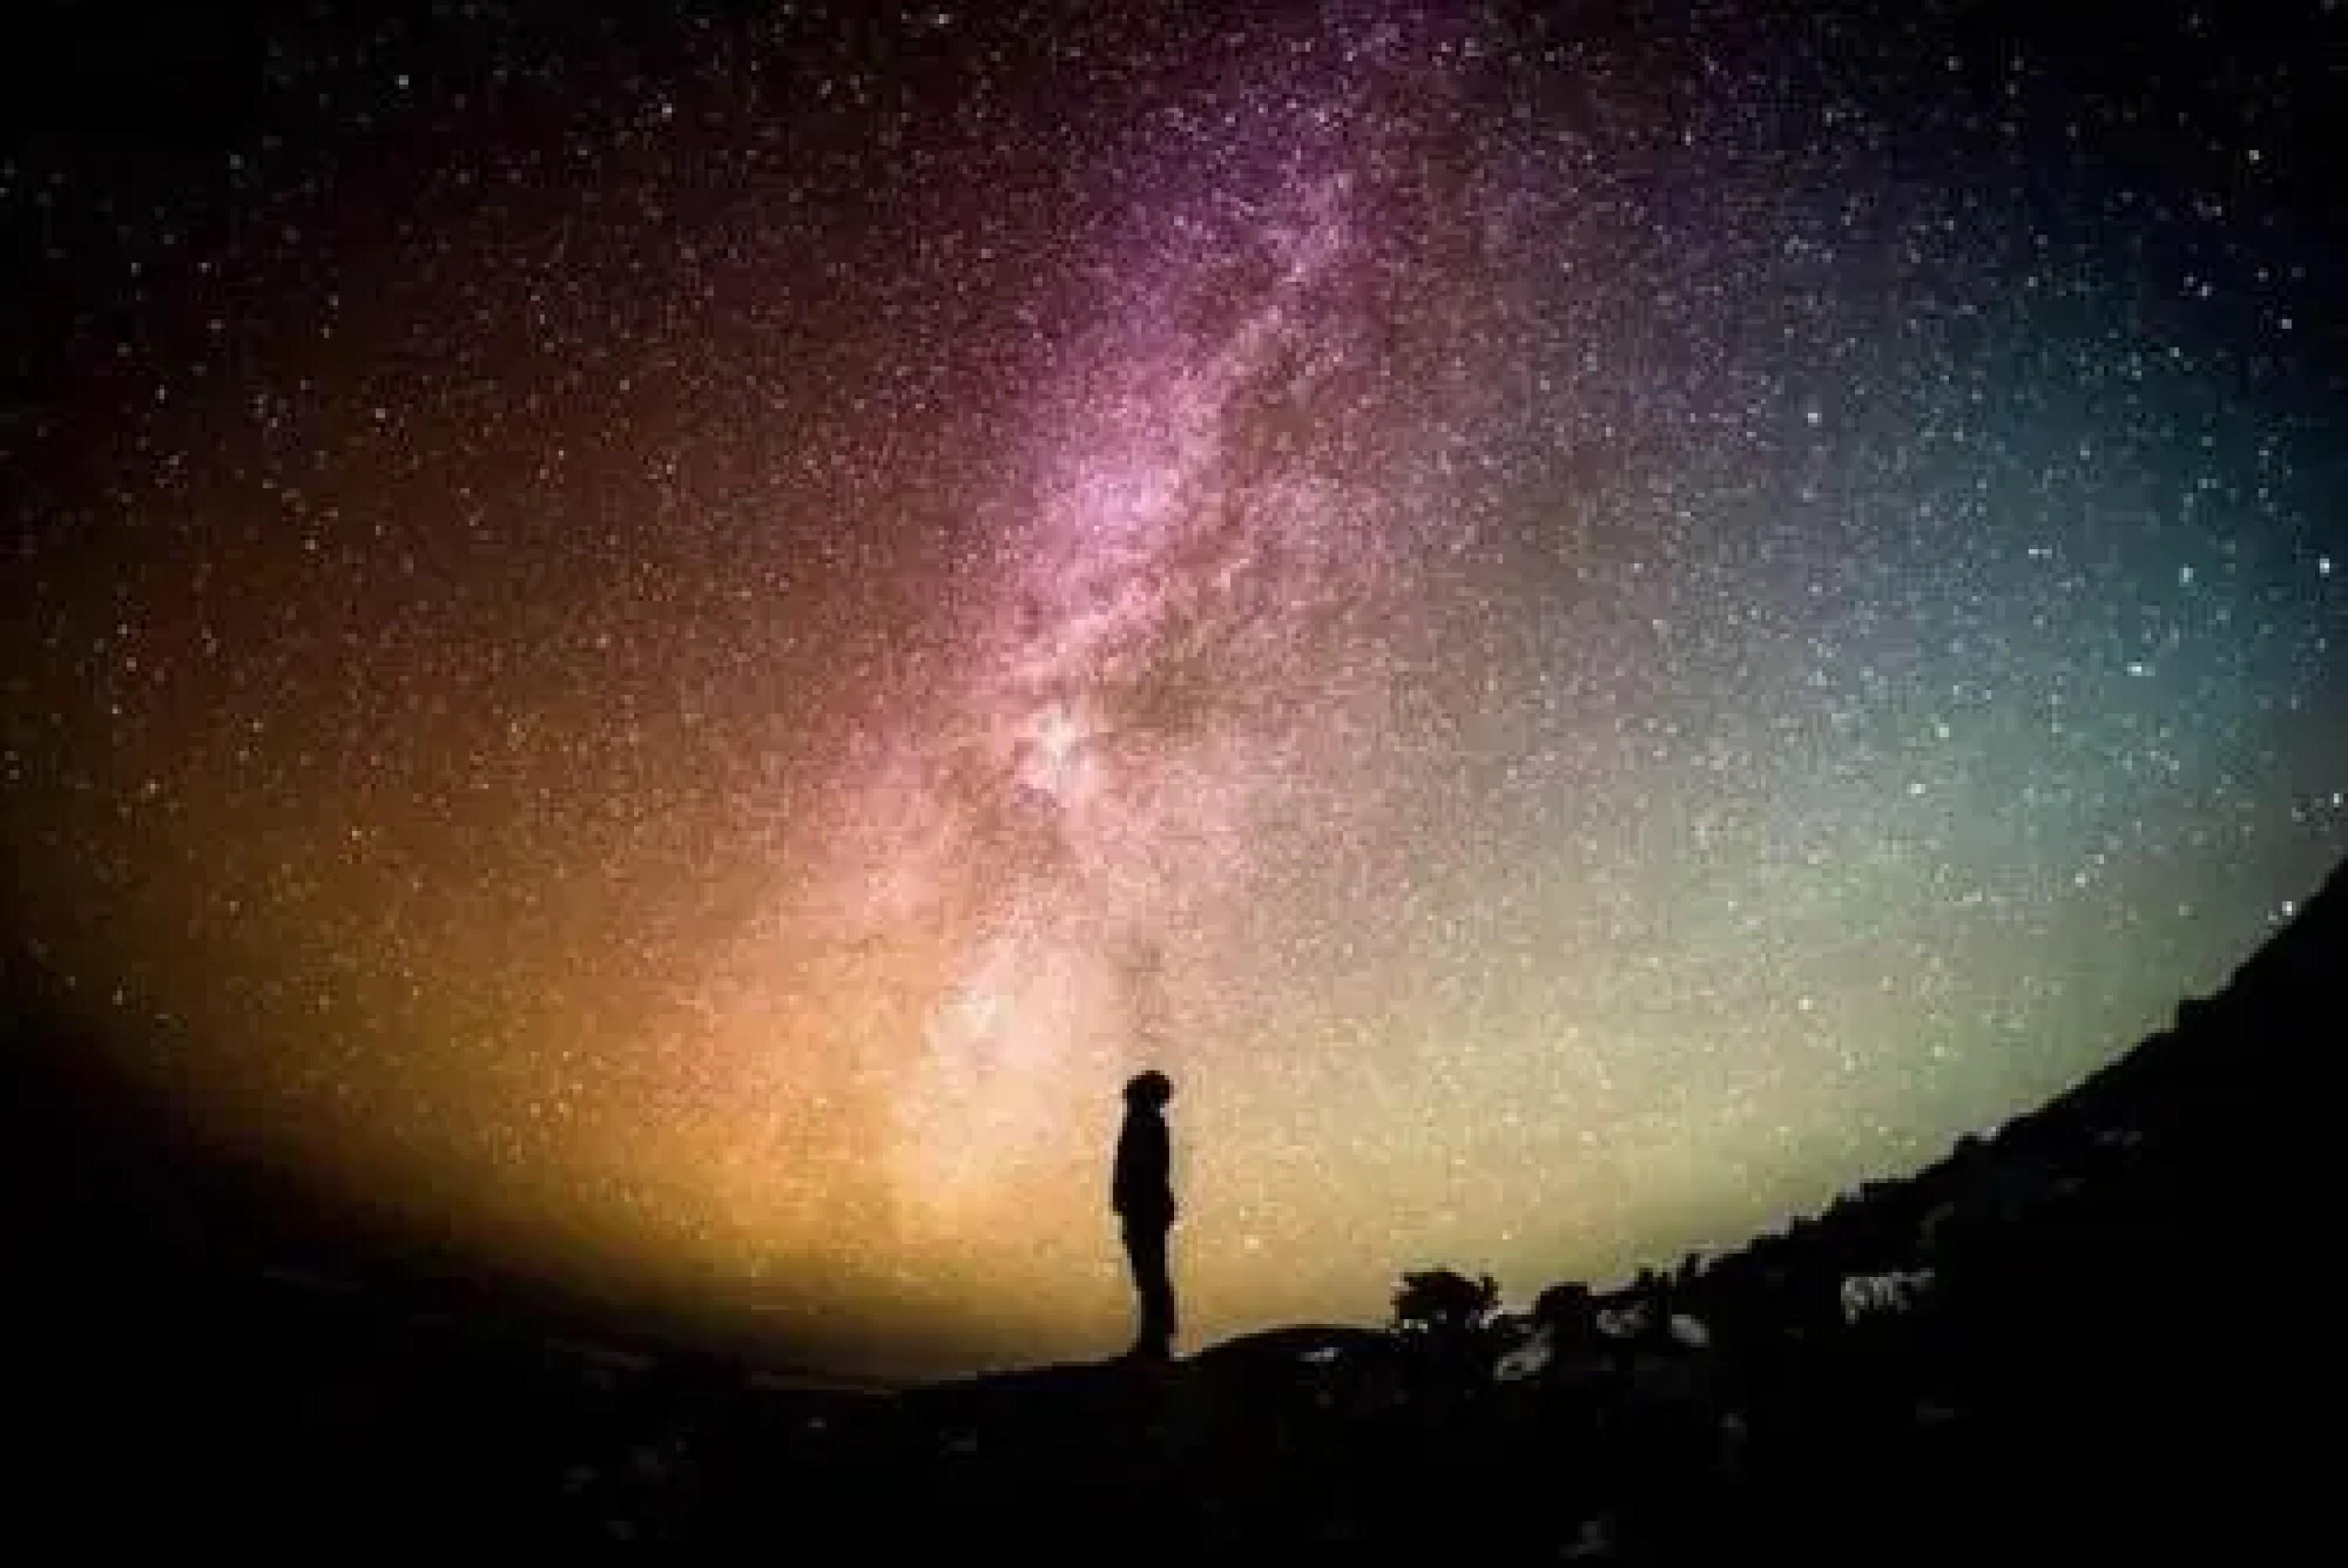 地外文明到底是否存在,相知相遇概率有多大,人类最终能找到吗?